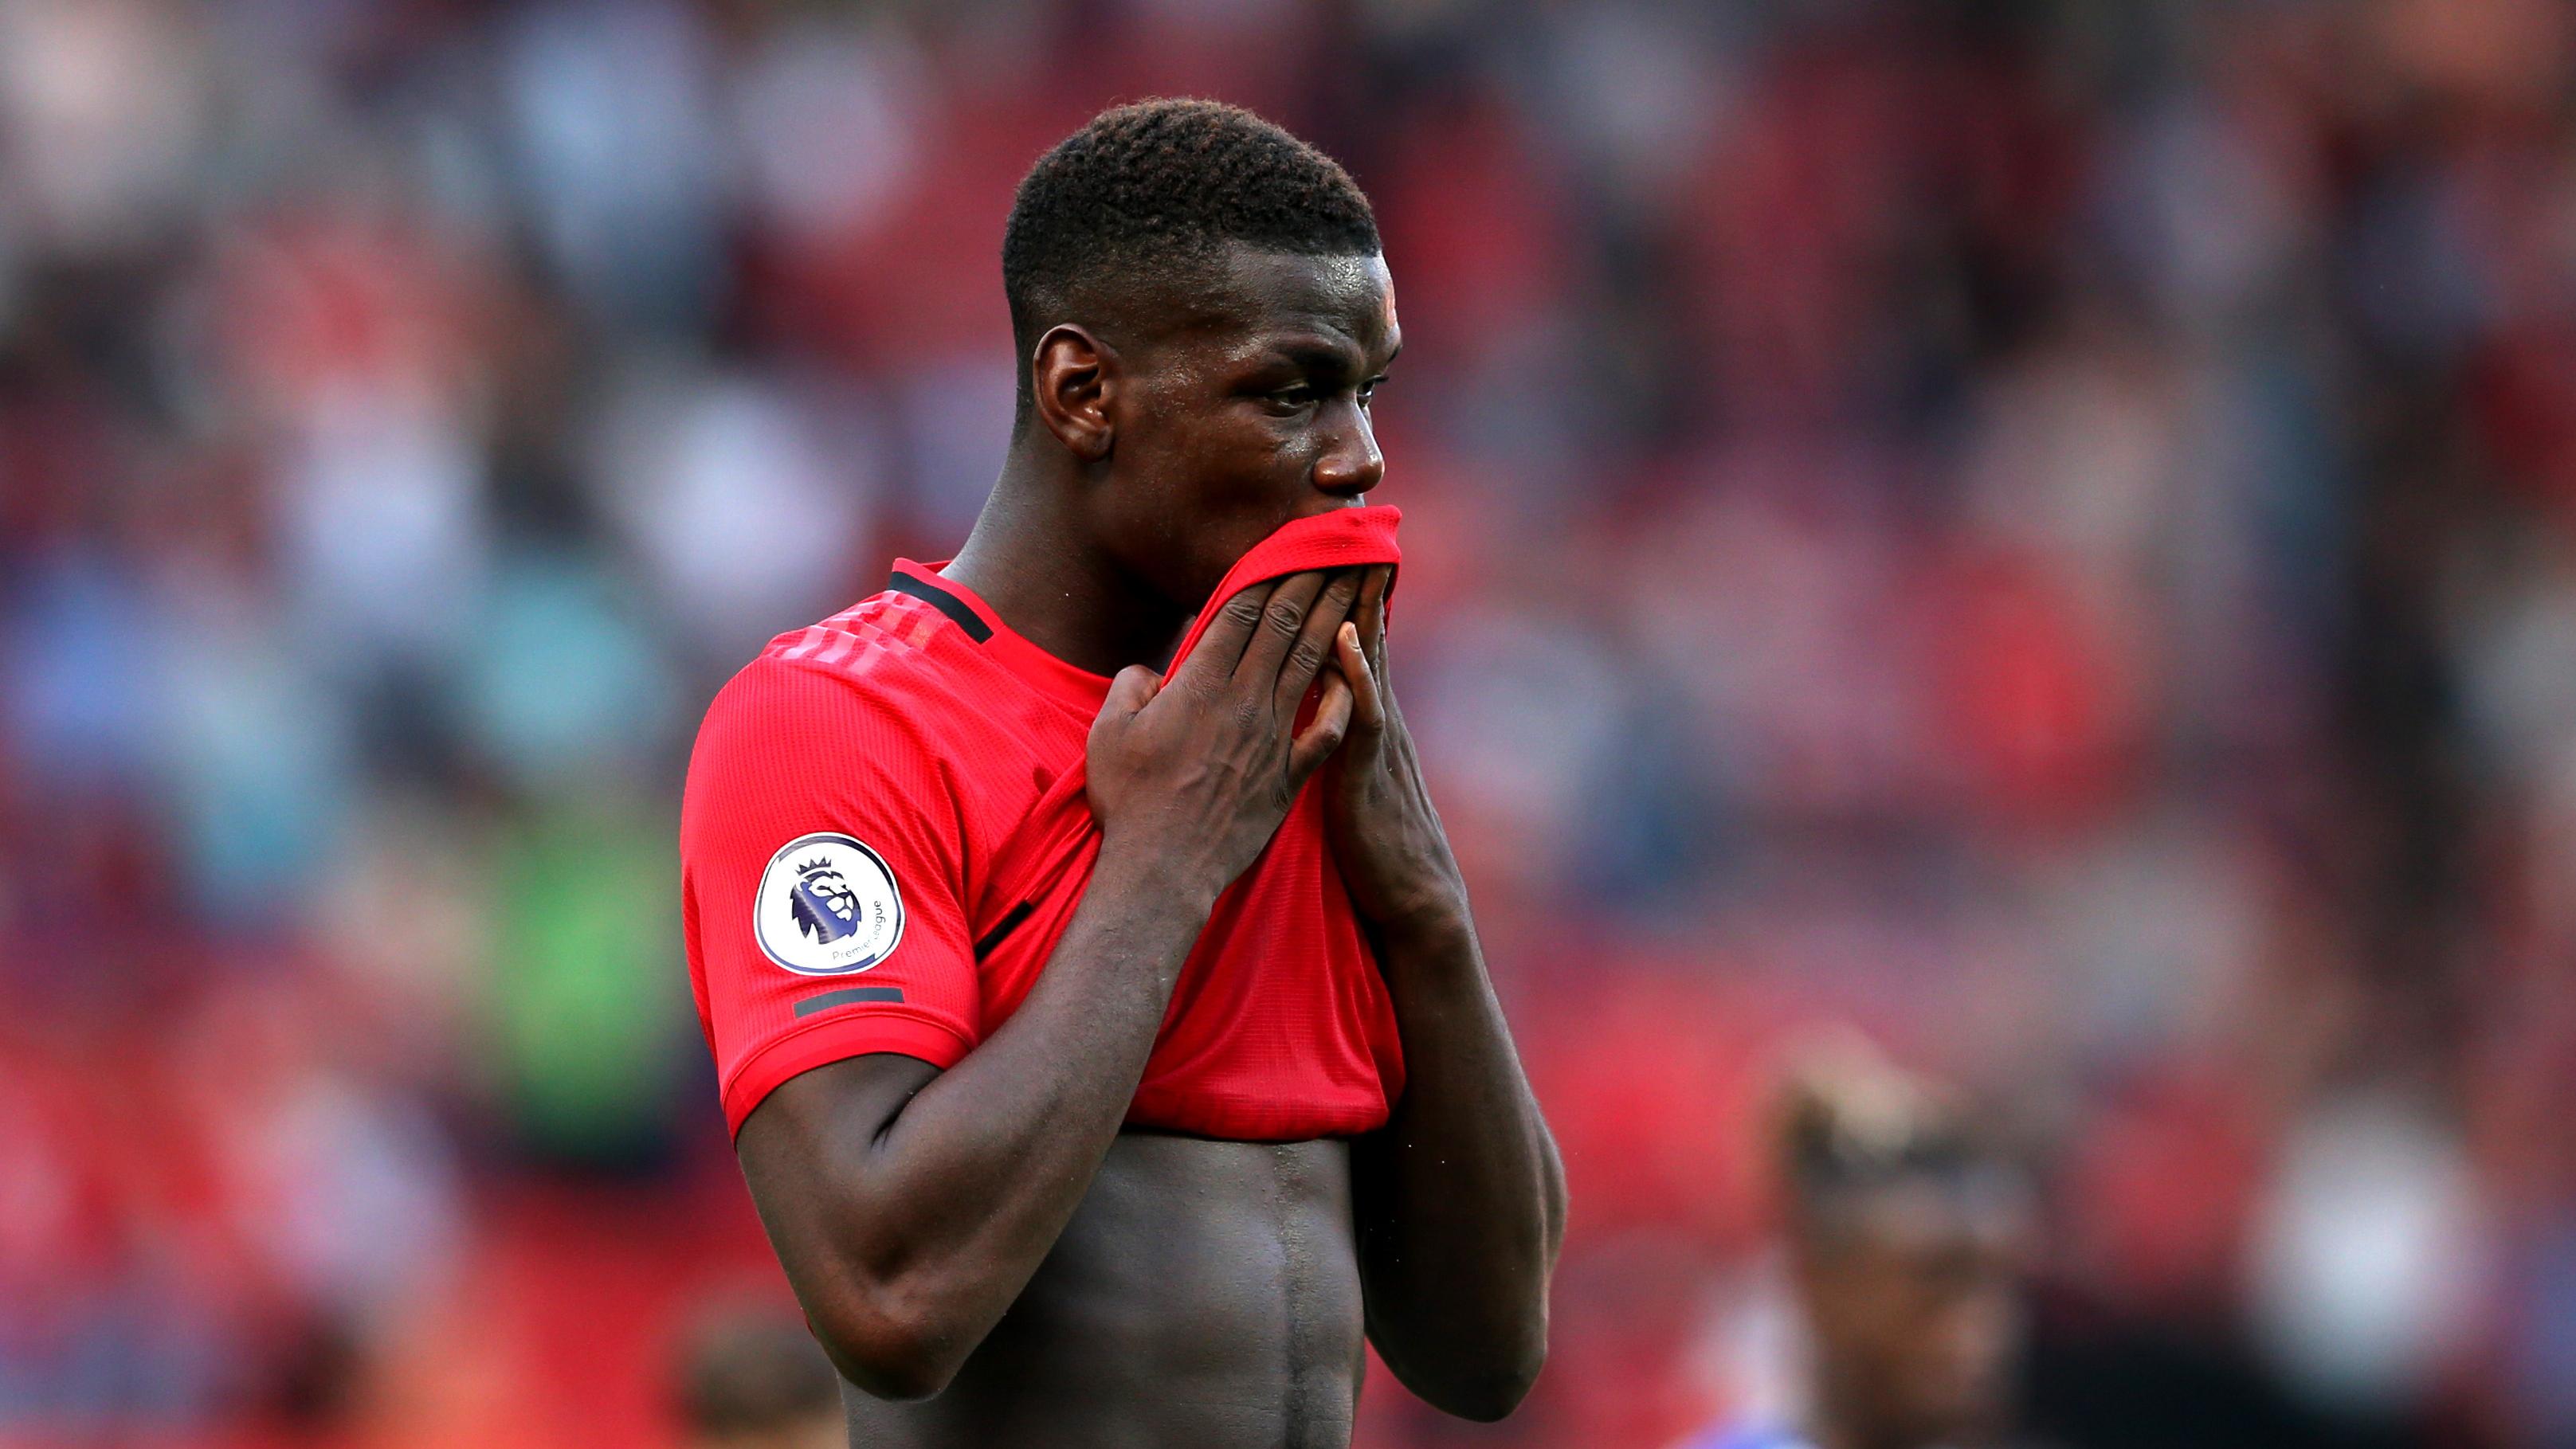 Mercato - Manchester United, Pogba au Real Madrid cet hiver ? La réponse sèche de Solskjaer !